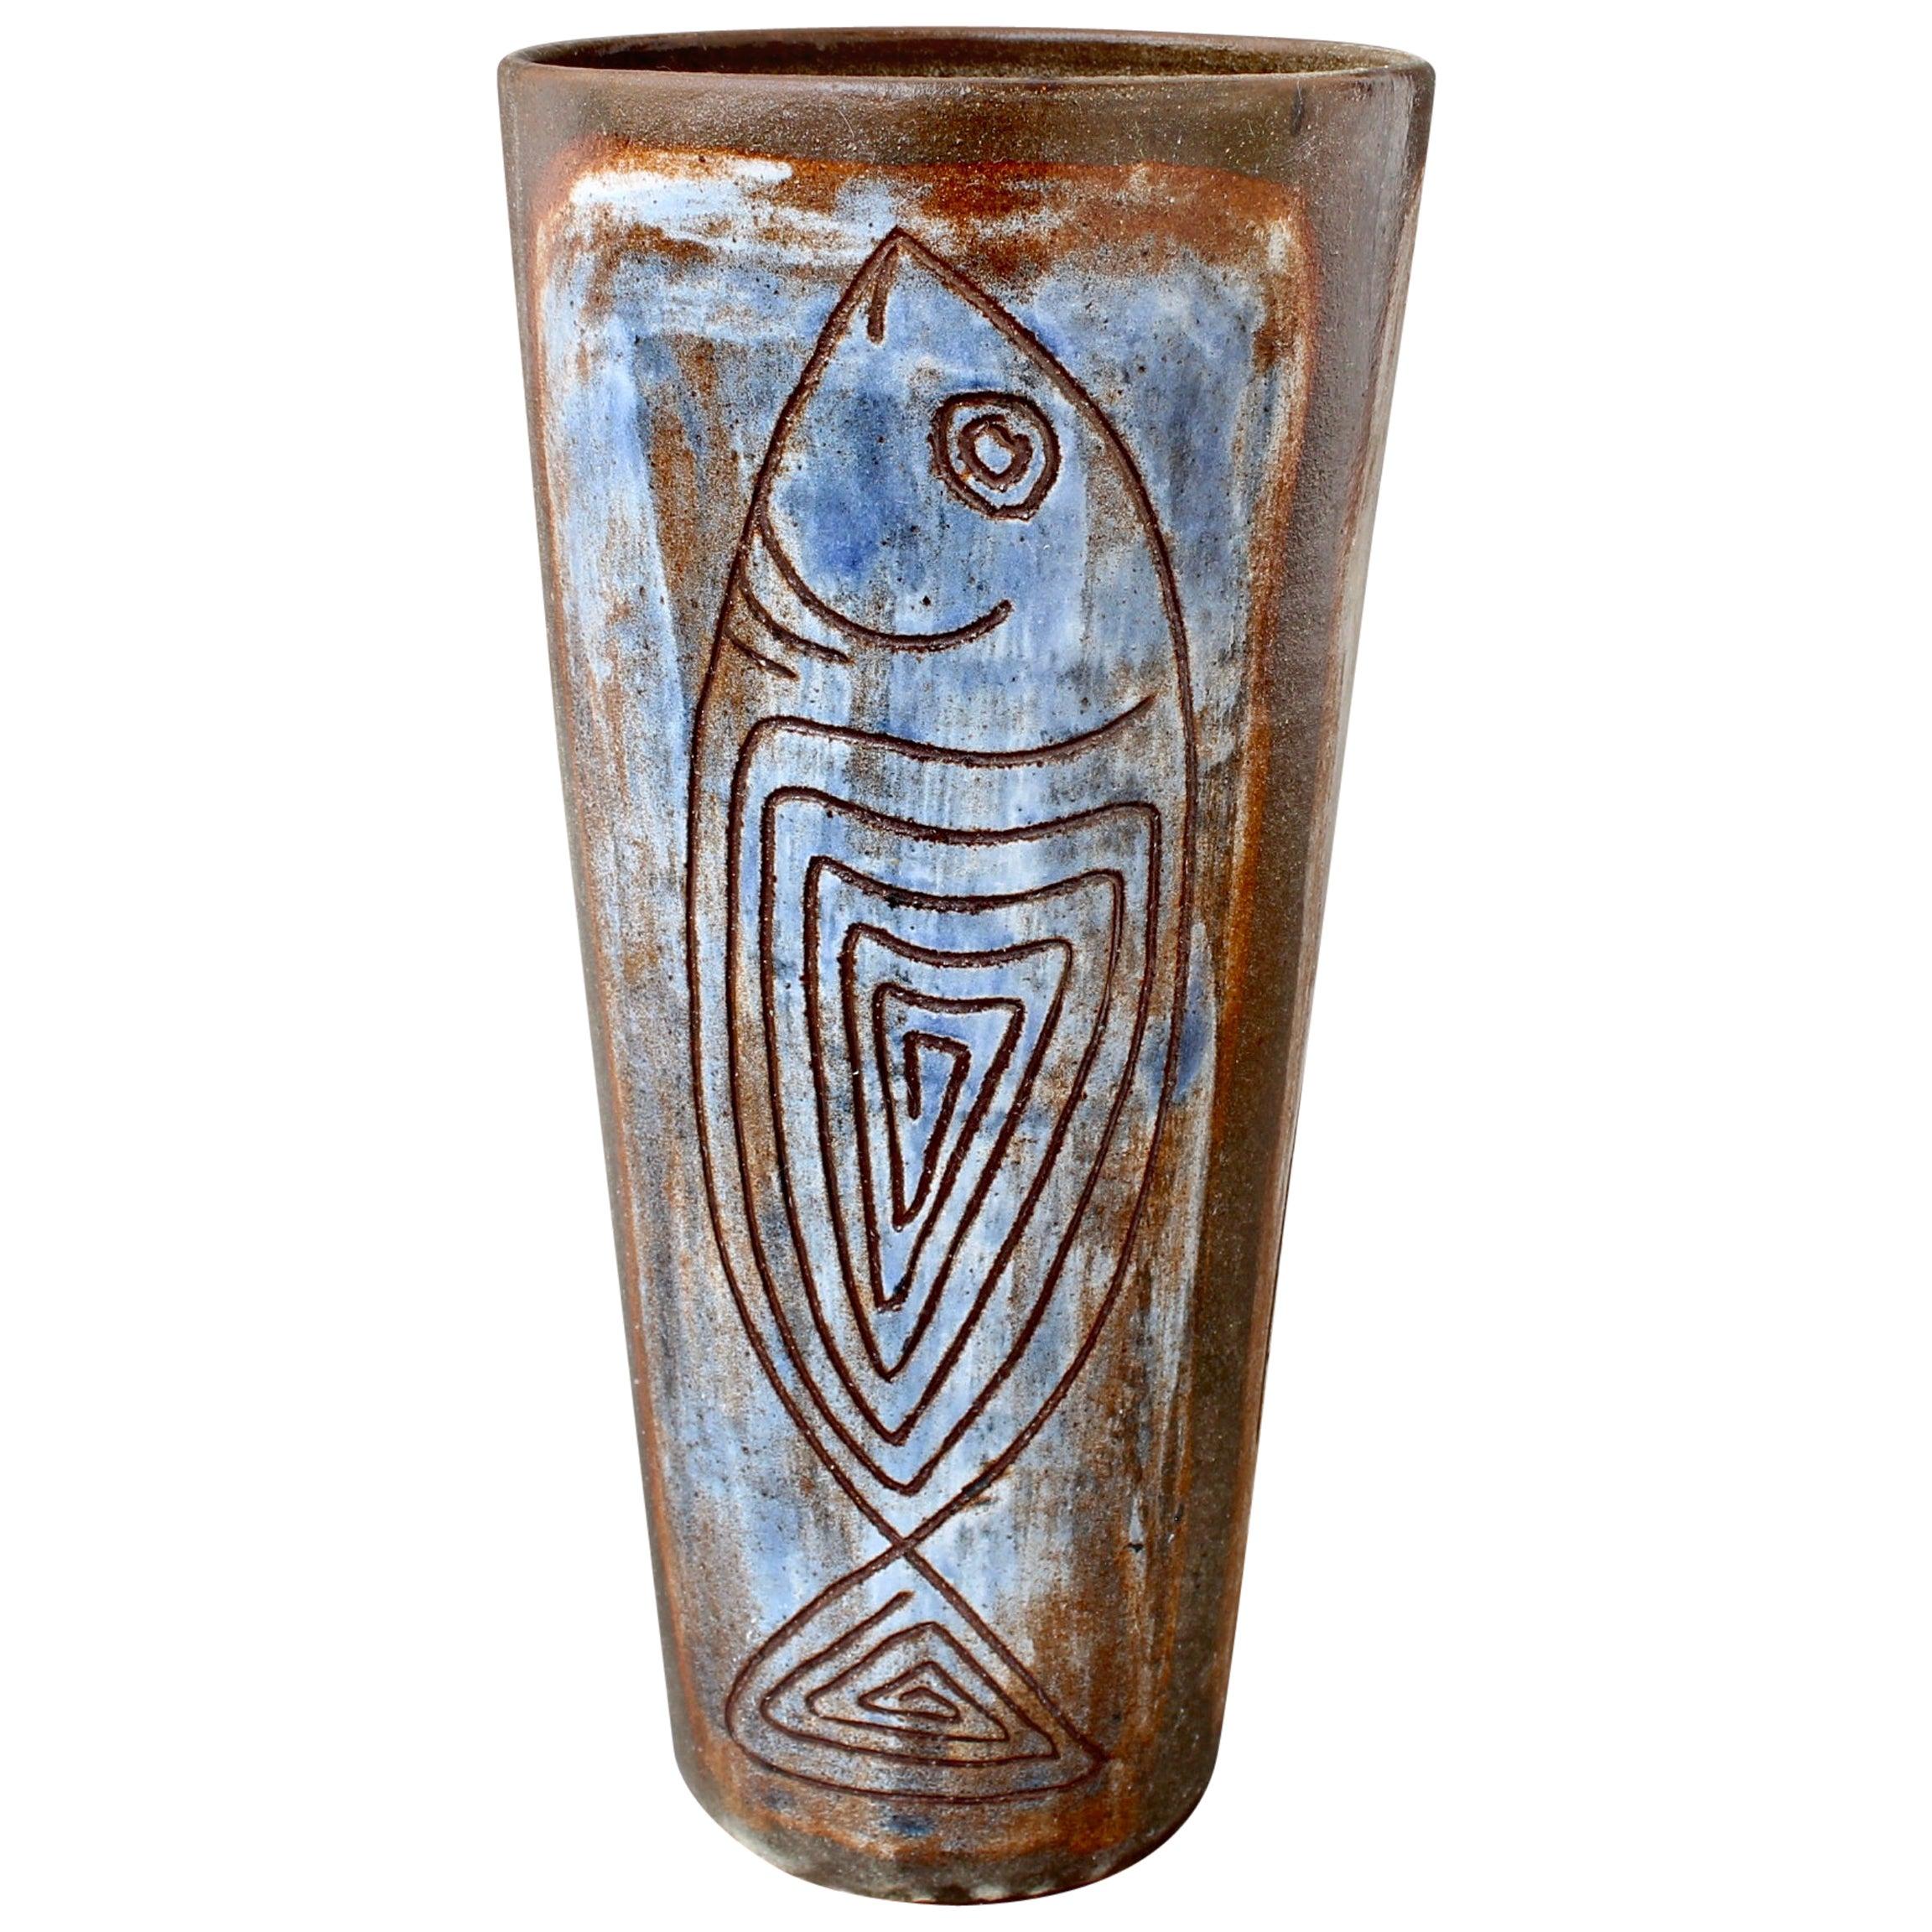 French Ceramic Decorative Vase by Alexandre Kostanda, circa 1960s